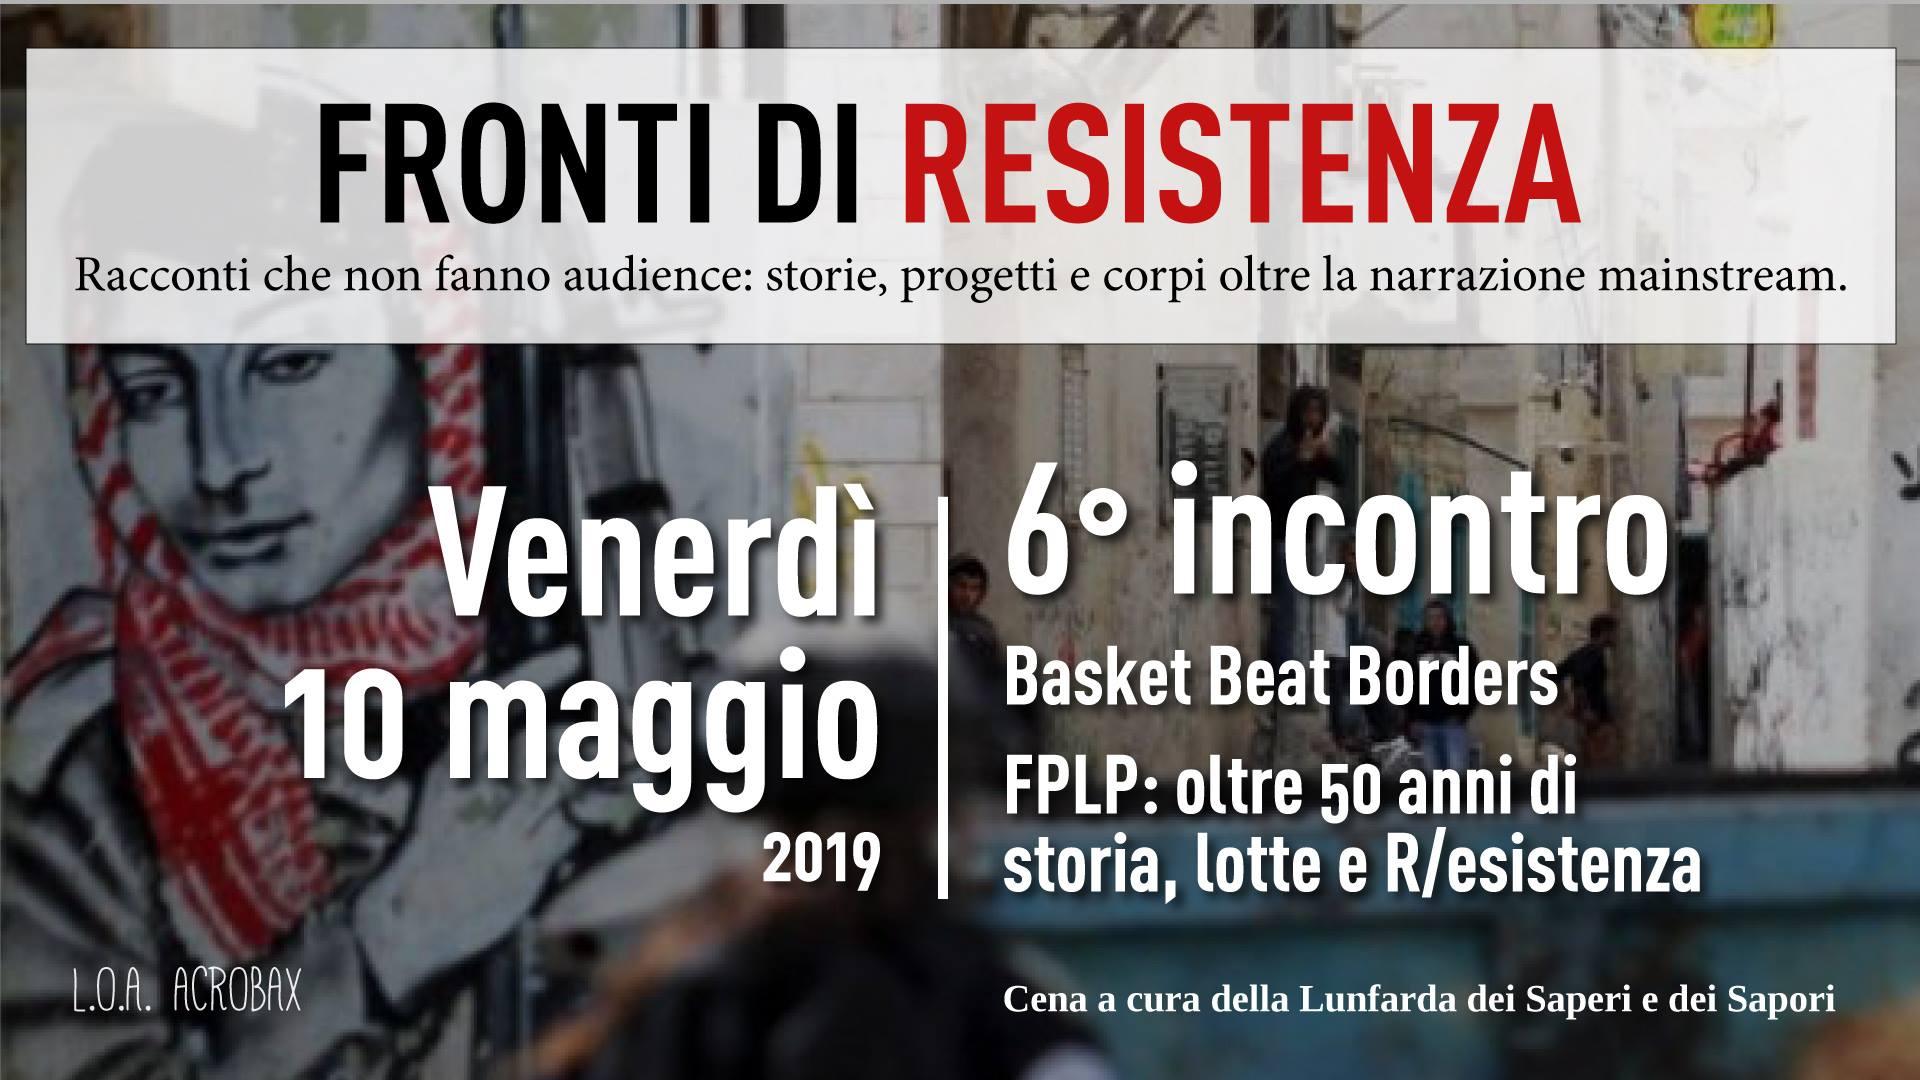 Venerdì 10 maggio/Fronti di Resistenza - Basket Beat Borders + FPLP: oltre 50 anni di resistenza